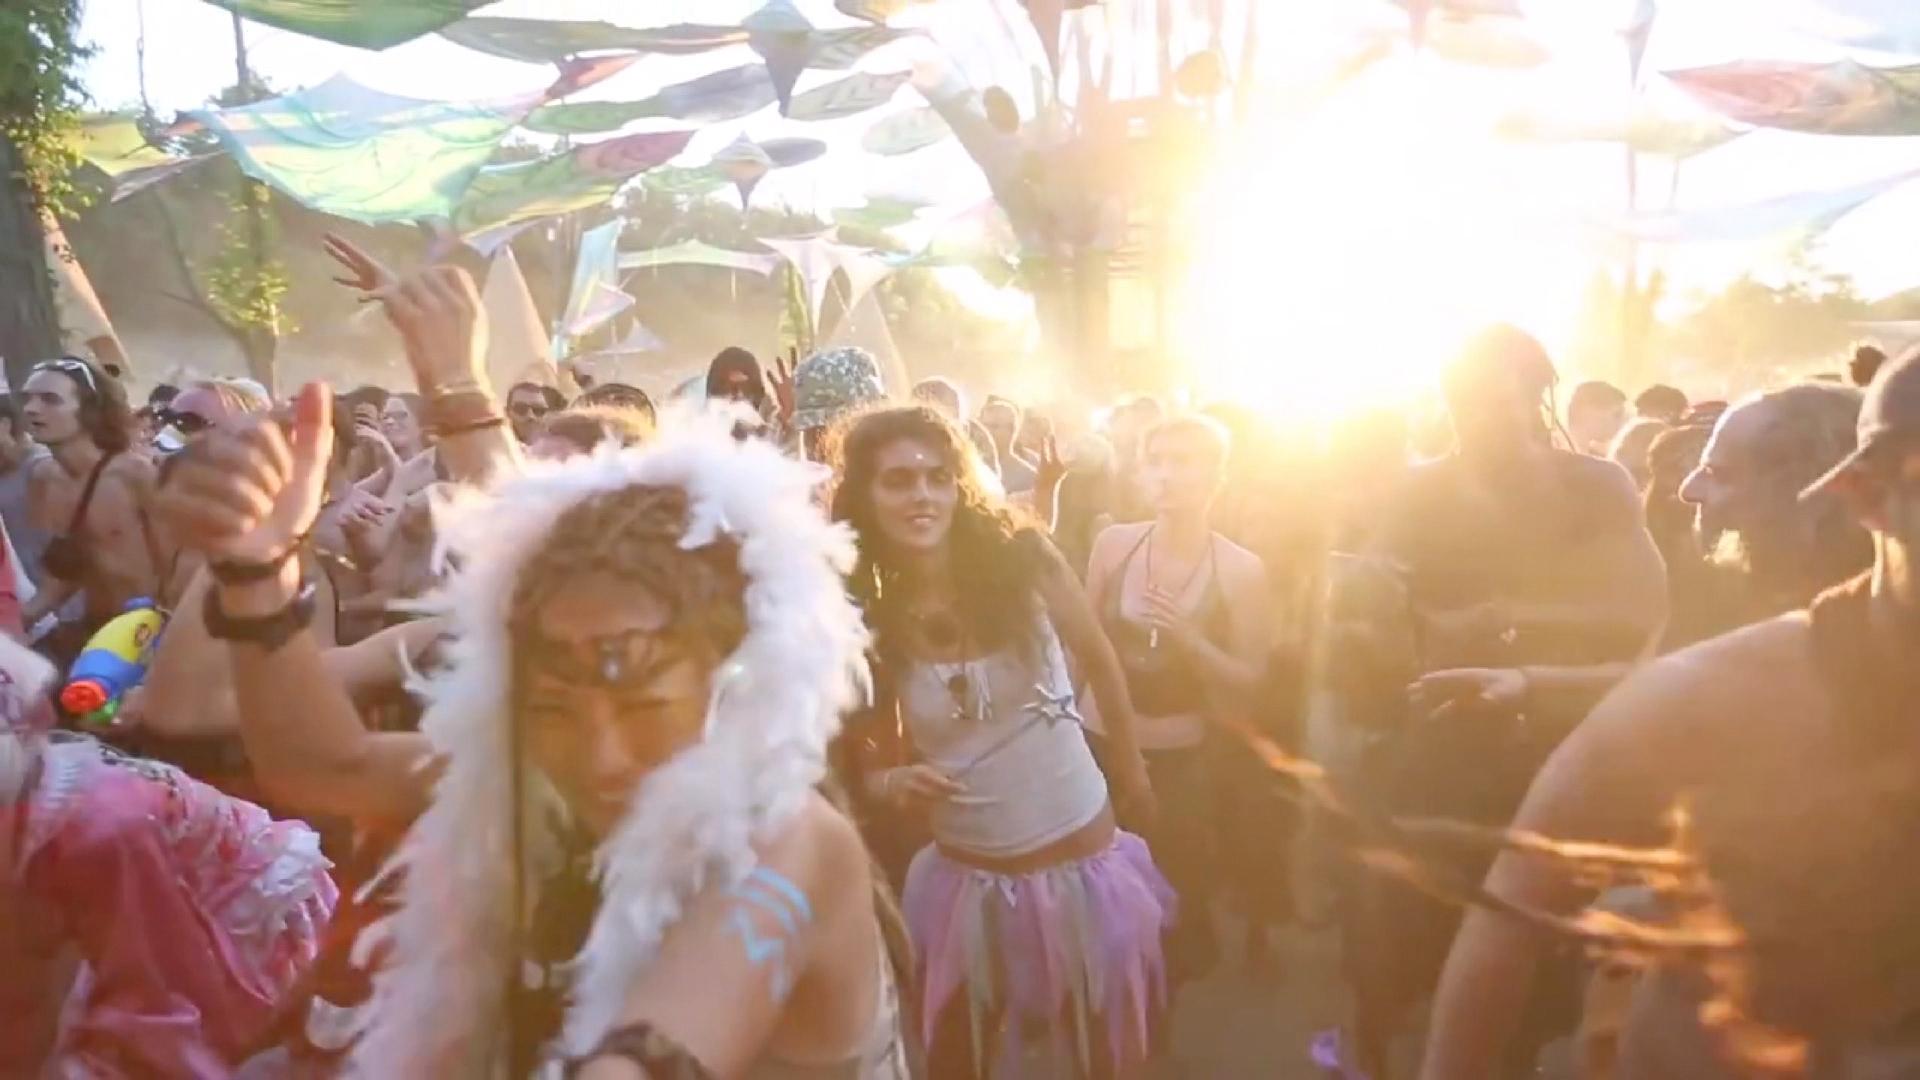 Mein Festival 3/5 - Gemeinsam abheben